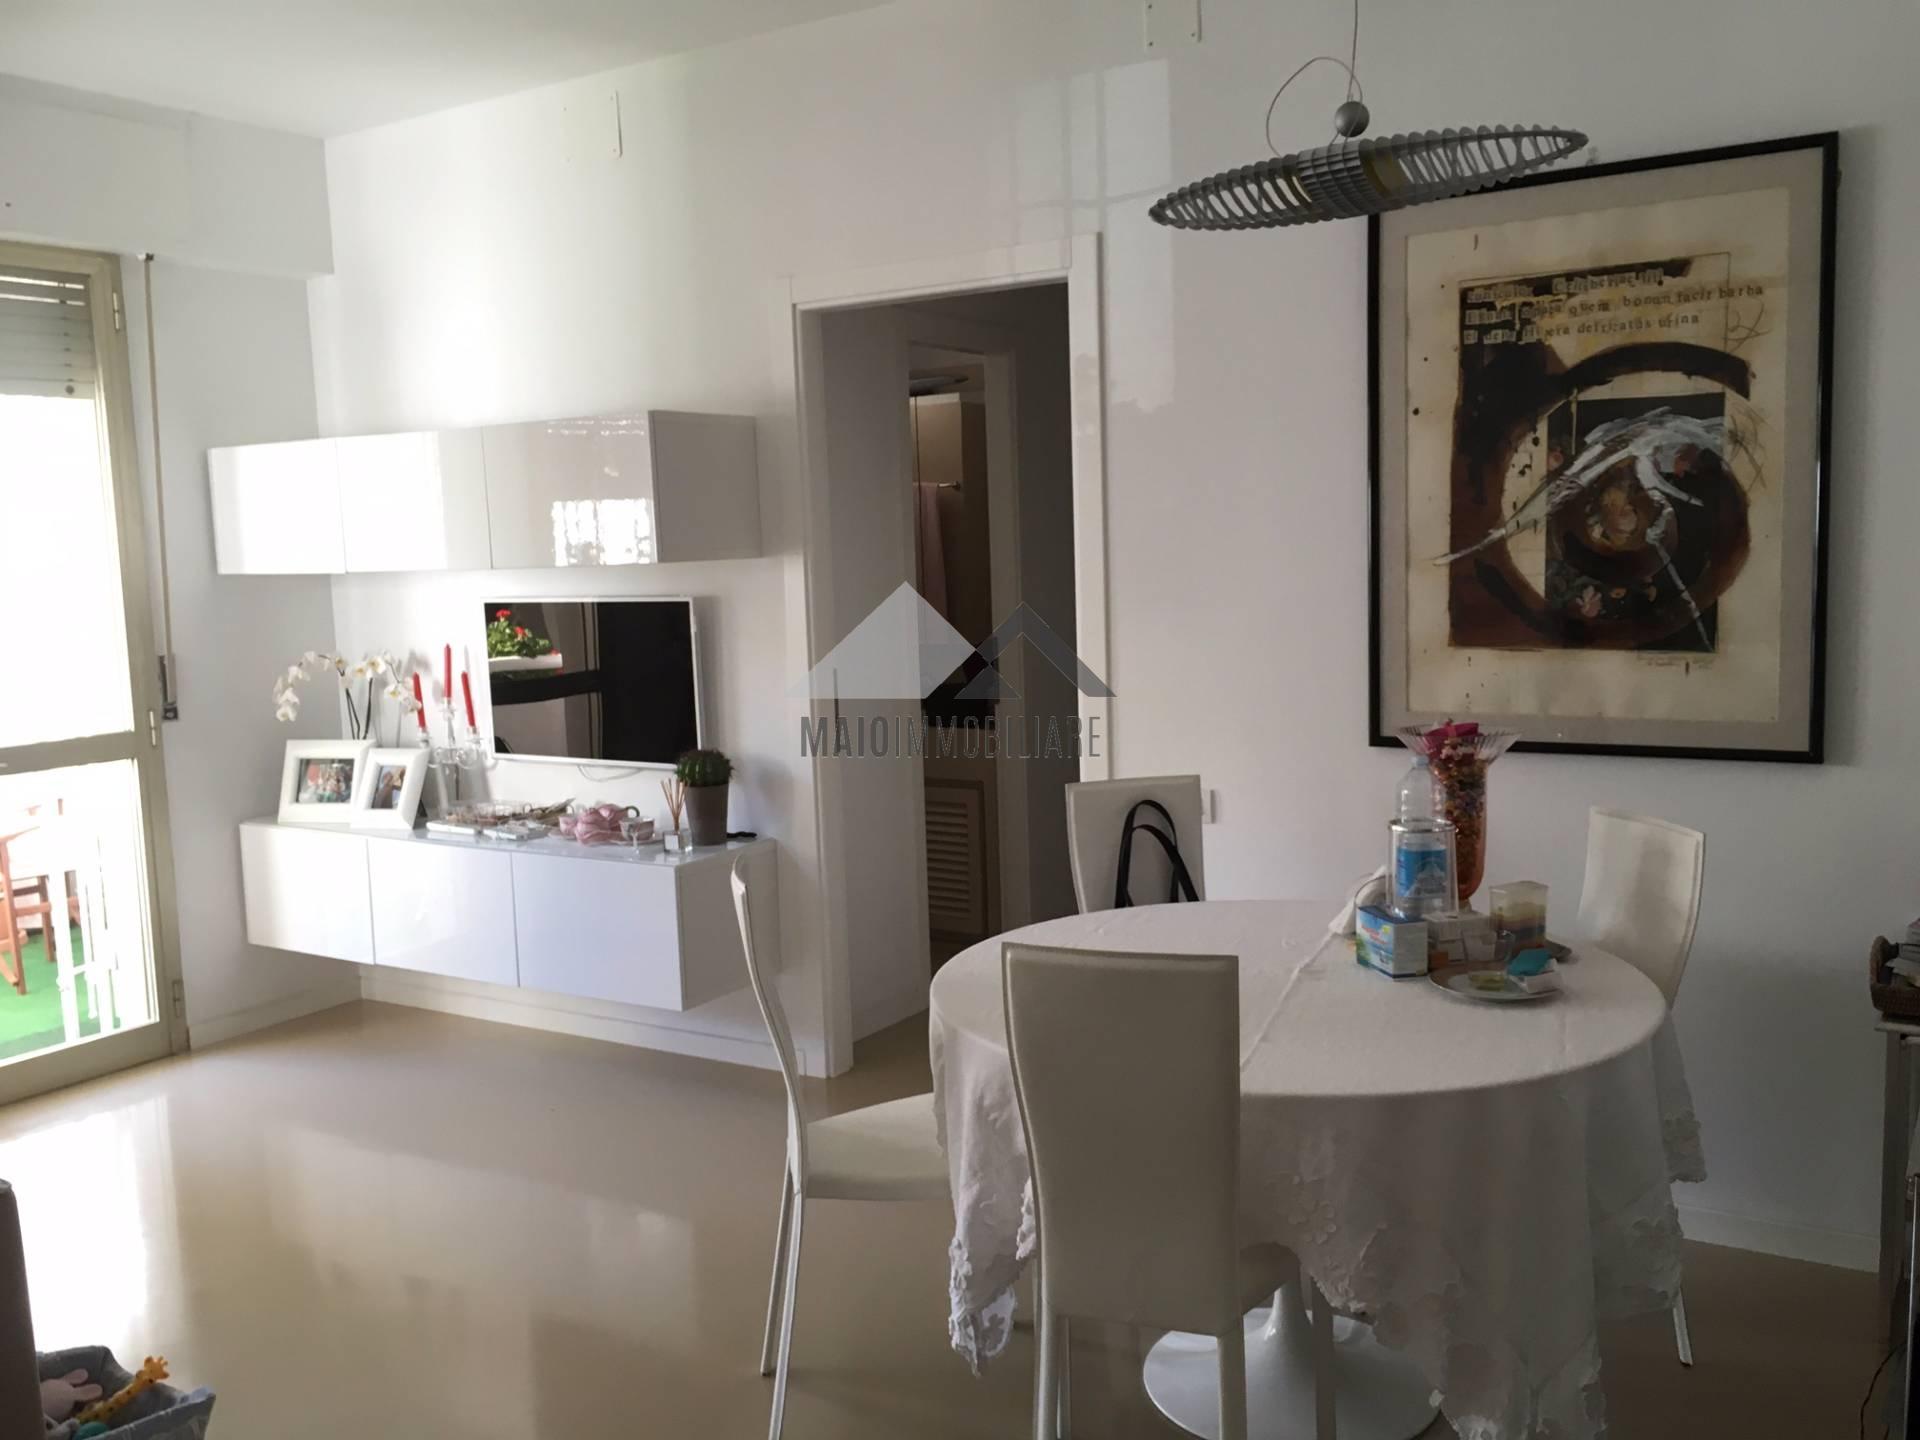 Appartamento in vendita a Riccione, 3 locali, zona Località: ABISSINIA, prezzo € 480.000 | Cambio Casa.it